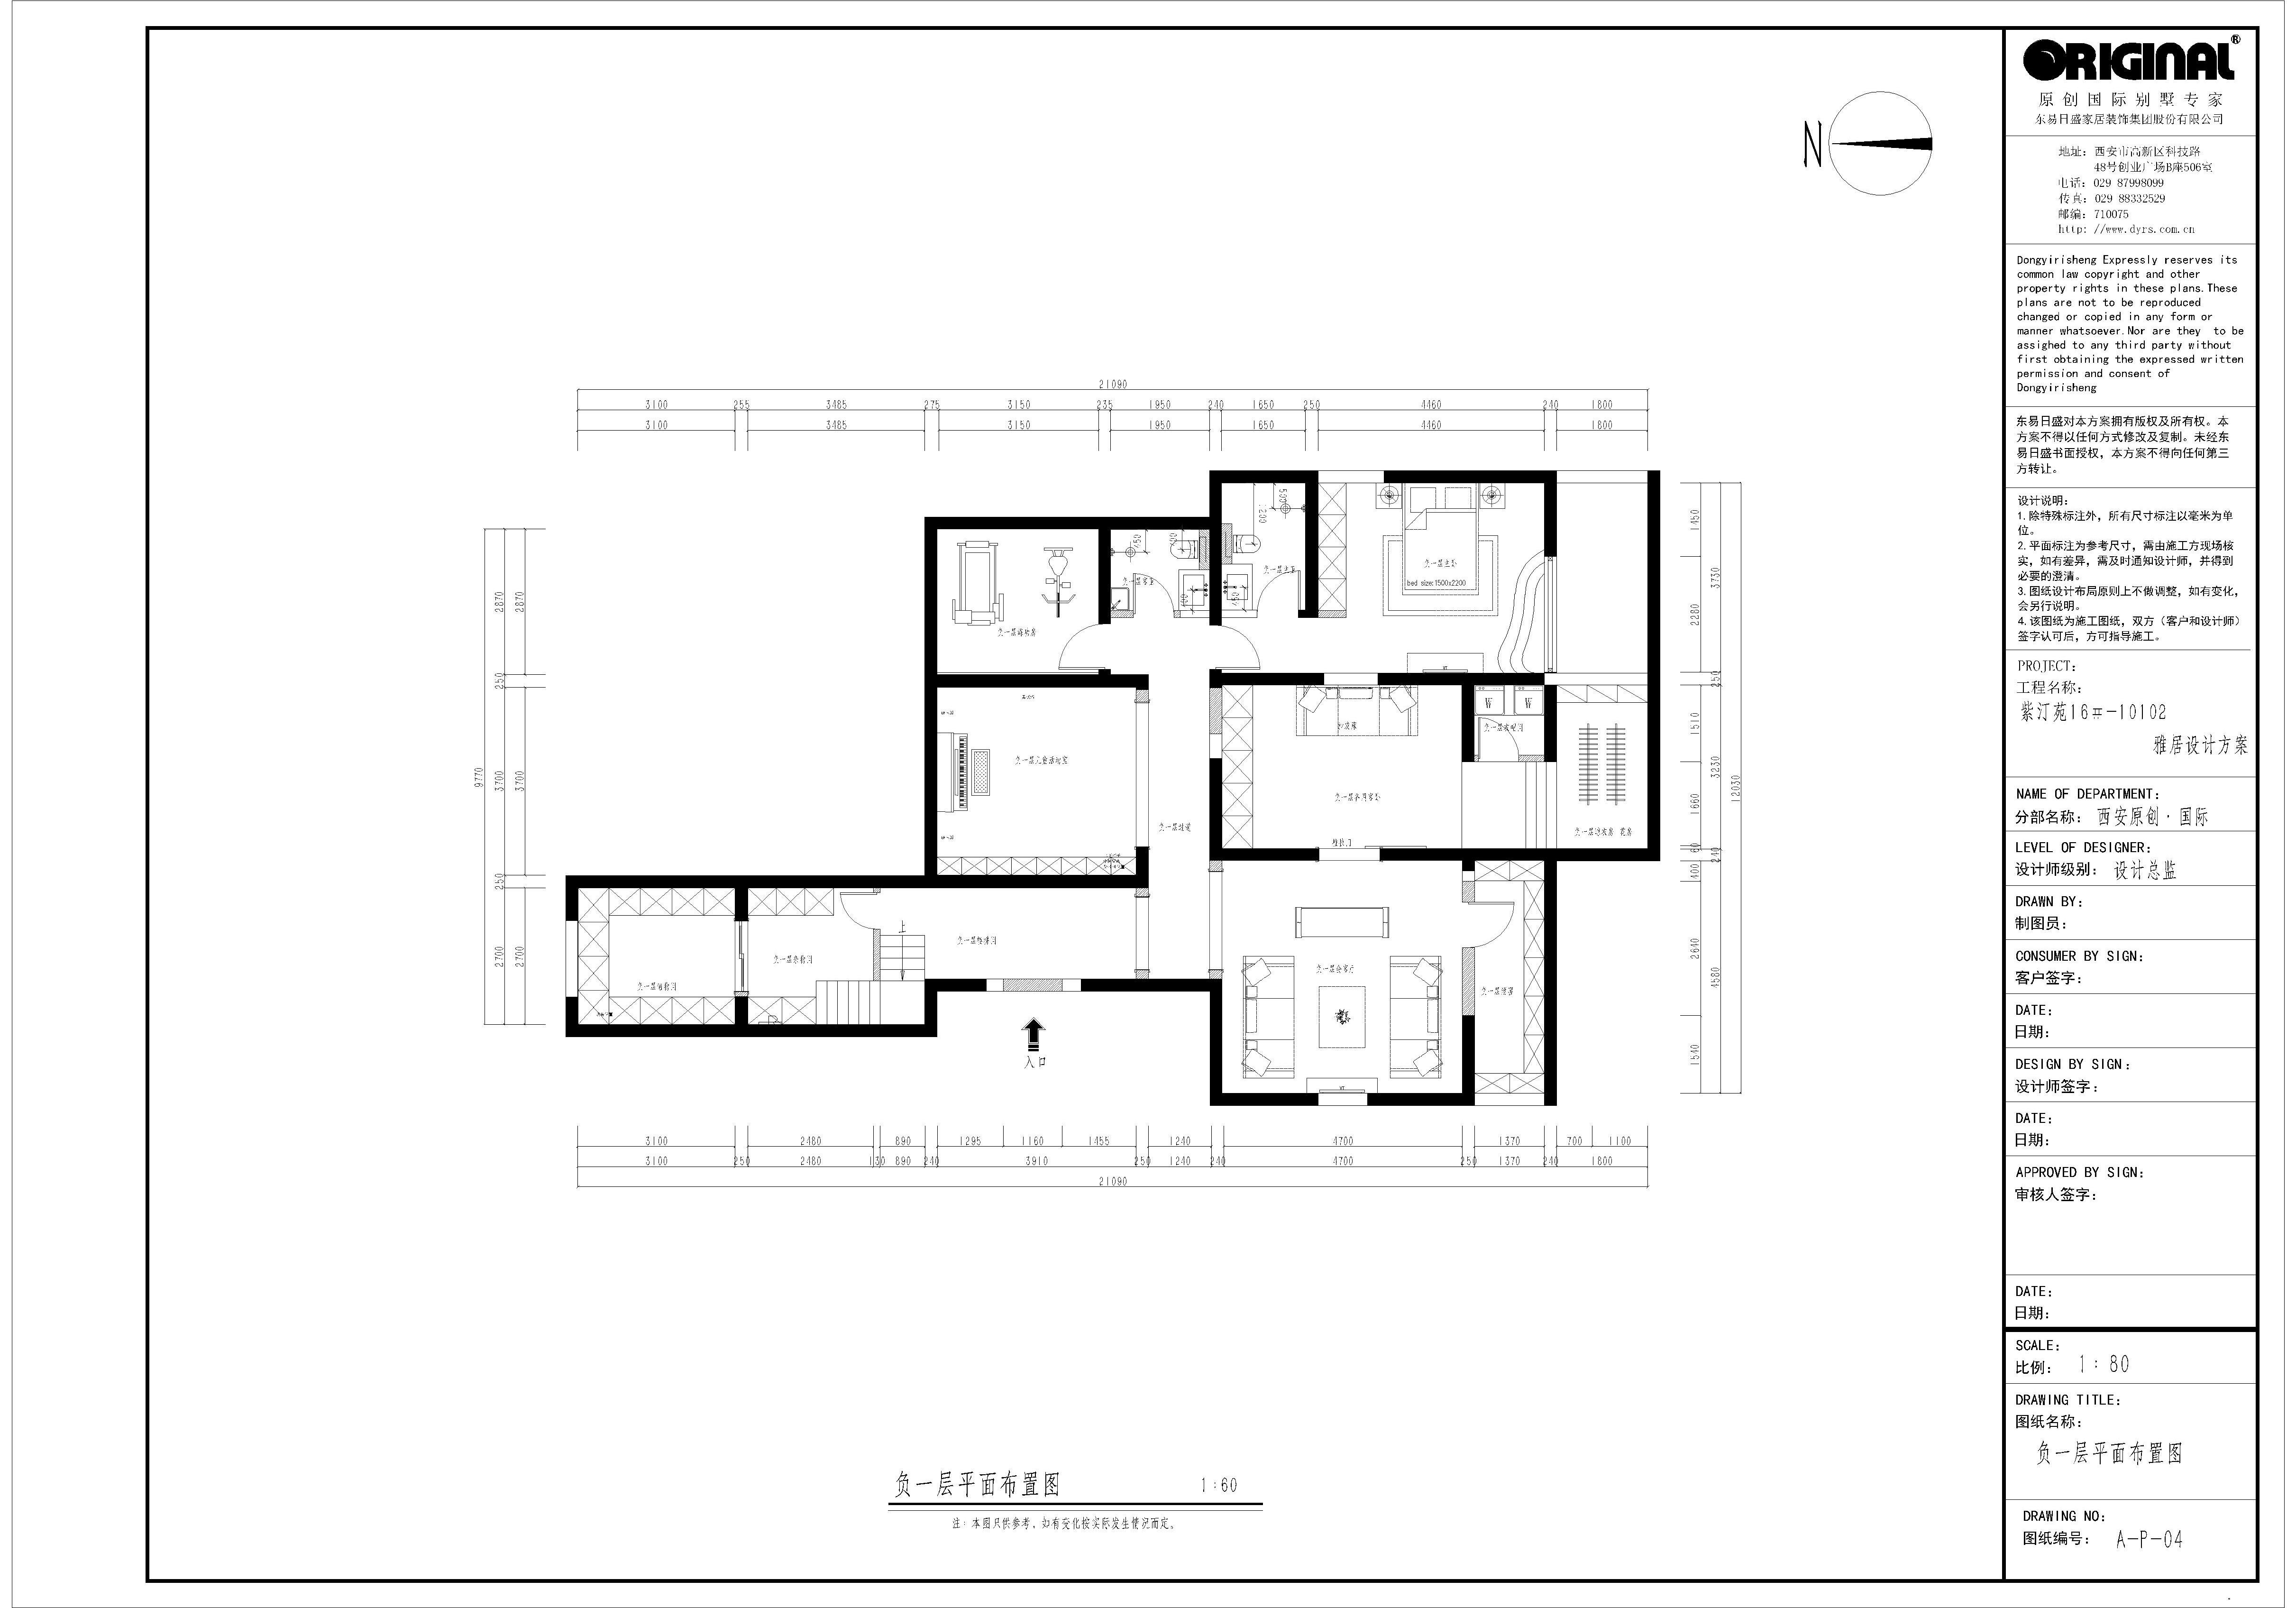 紫汀苑 现代美式风格装修实景图 下叠 338㎡ 设计师宋素雁装修设计理念